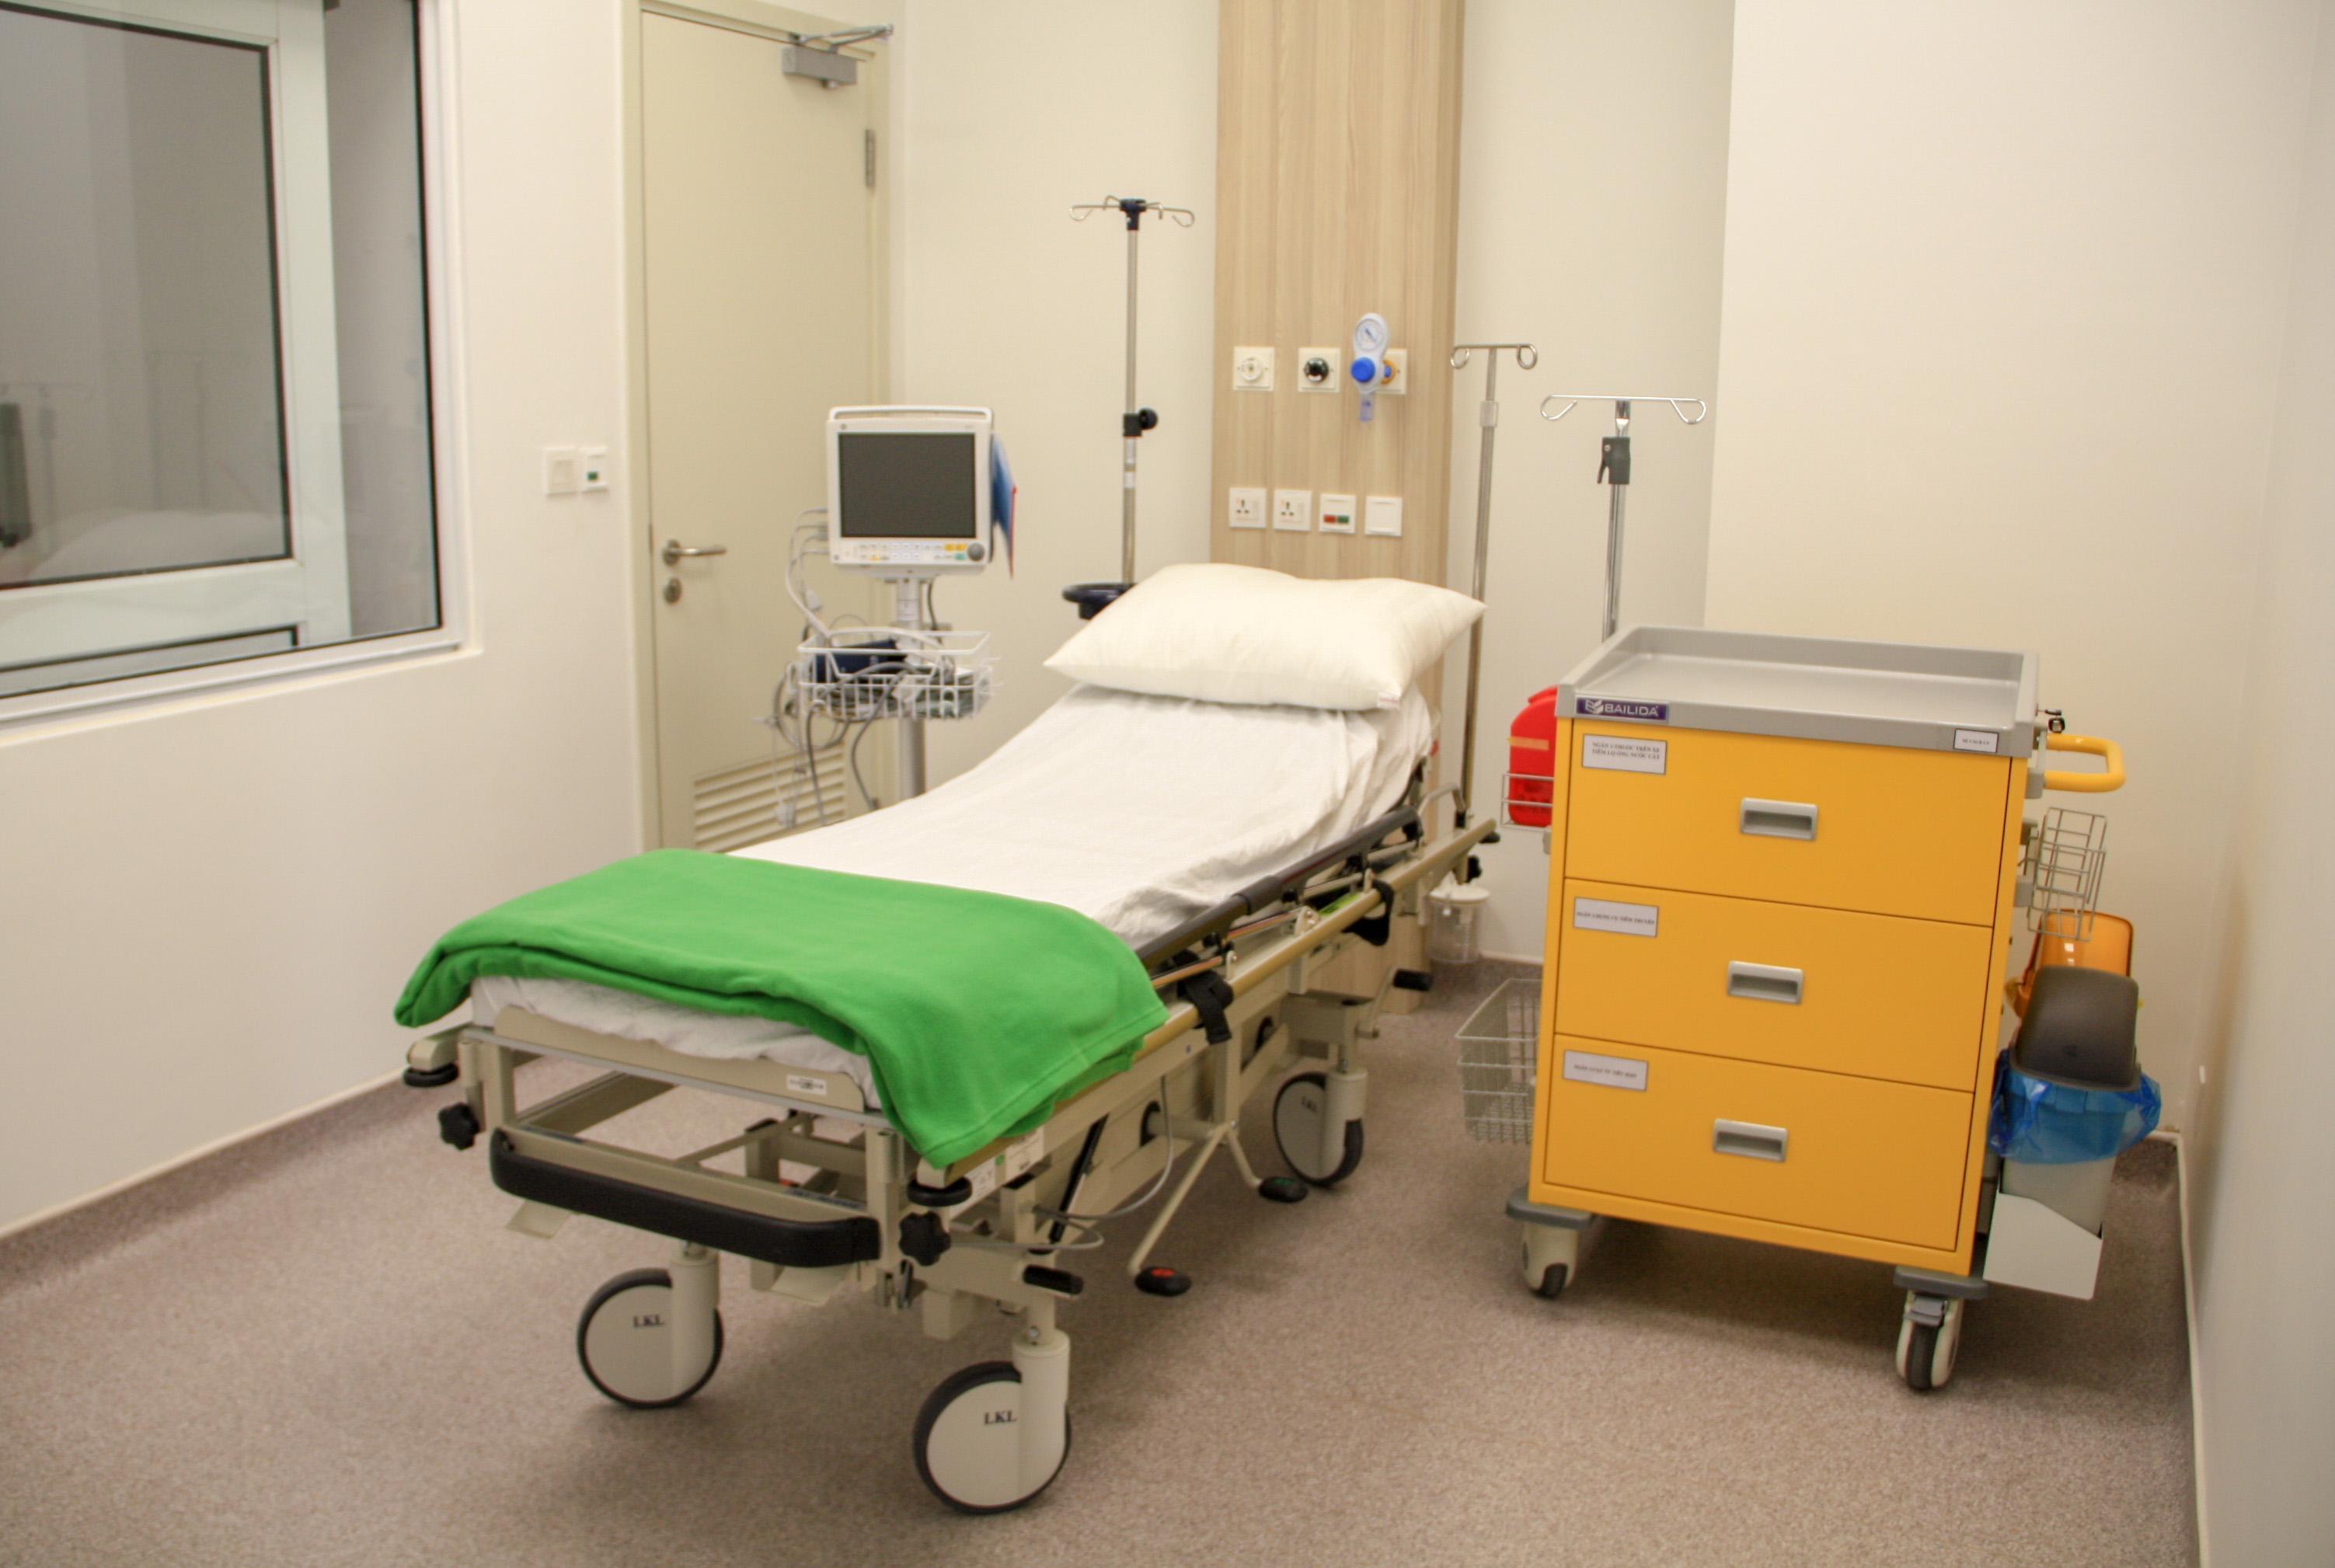 Phòng cách ly áp lực âm chuẩn bị sẵn trong trường hợp có bệnh nhân nhiễm COVID - 19 của Bệnh viện Gia An 115